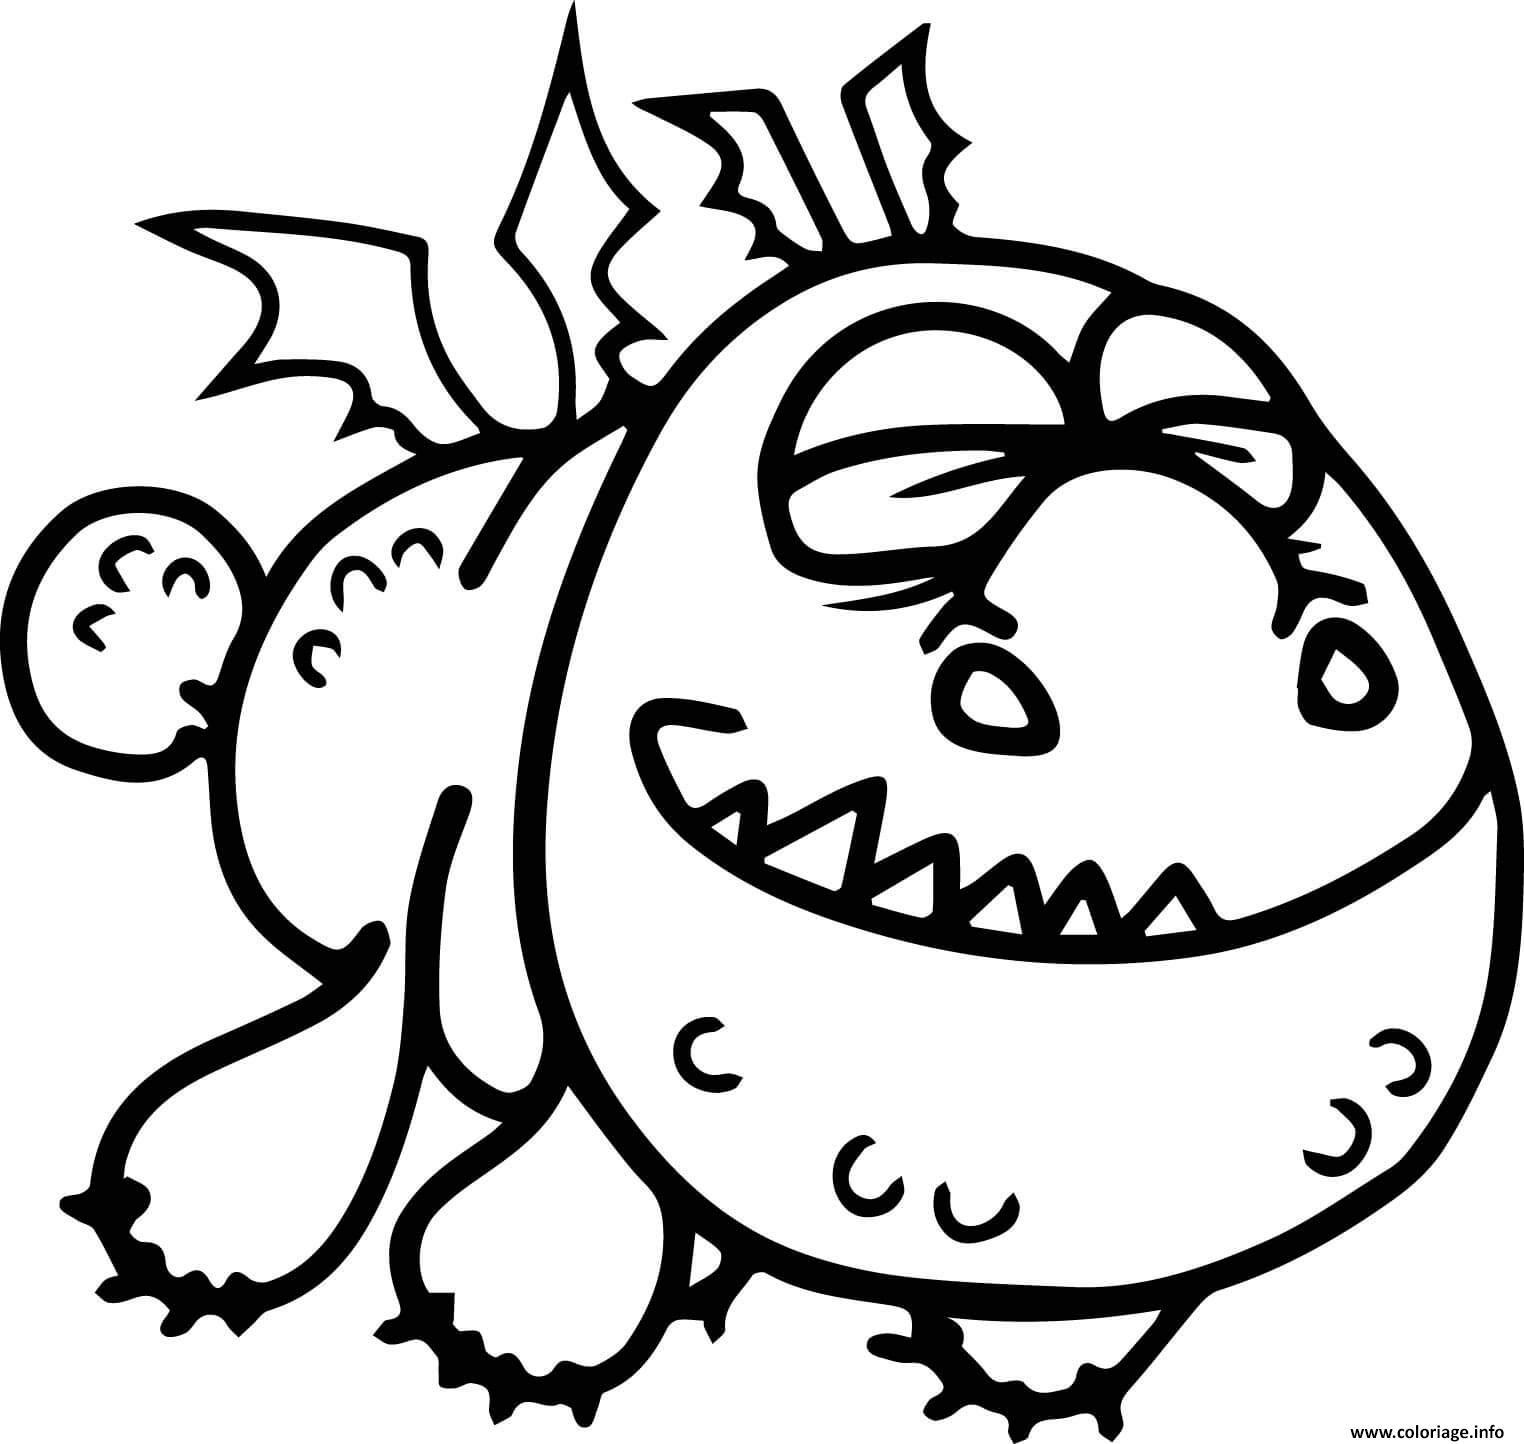 Dessin Baby Gronckle Dragon Coloriage Gratuit à Imprimer